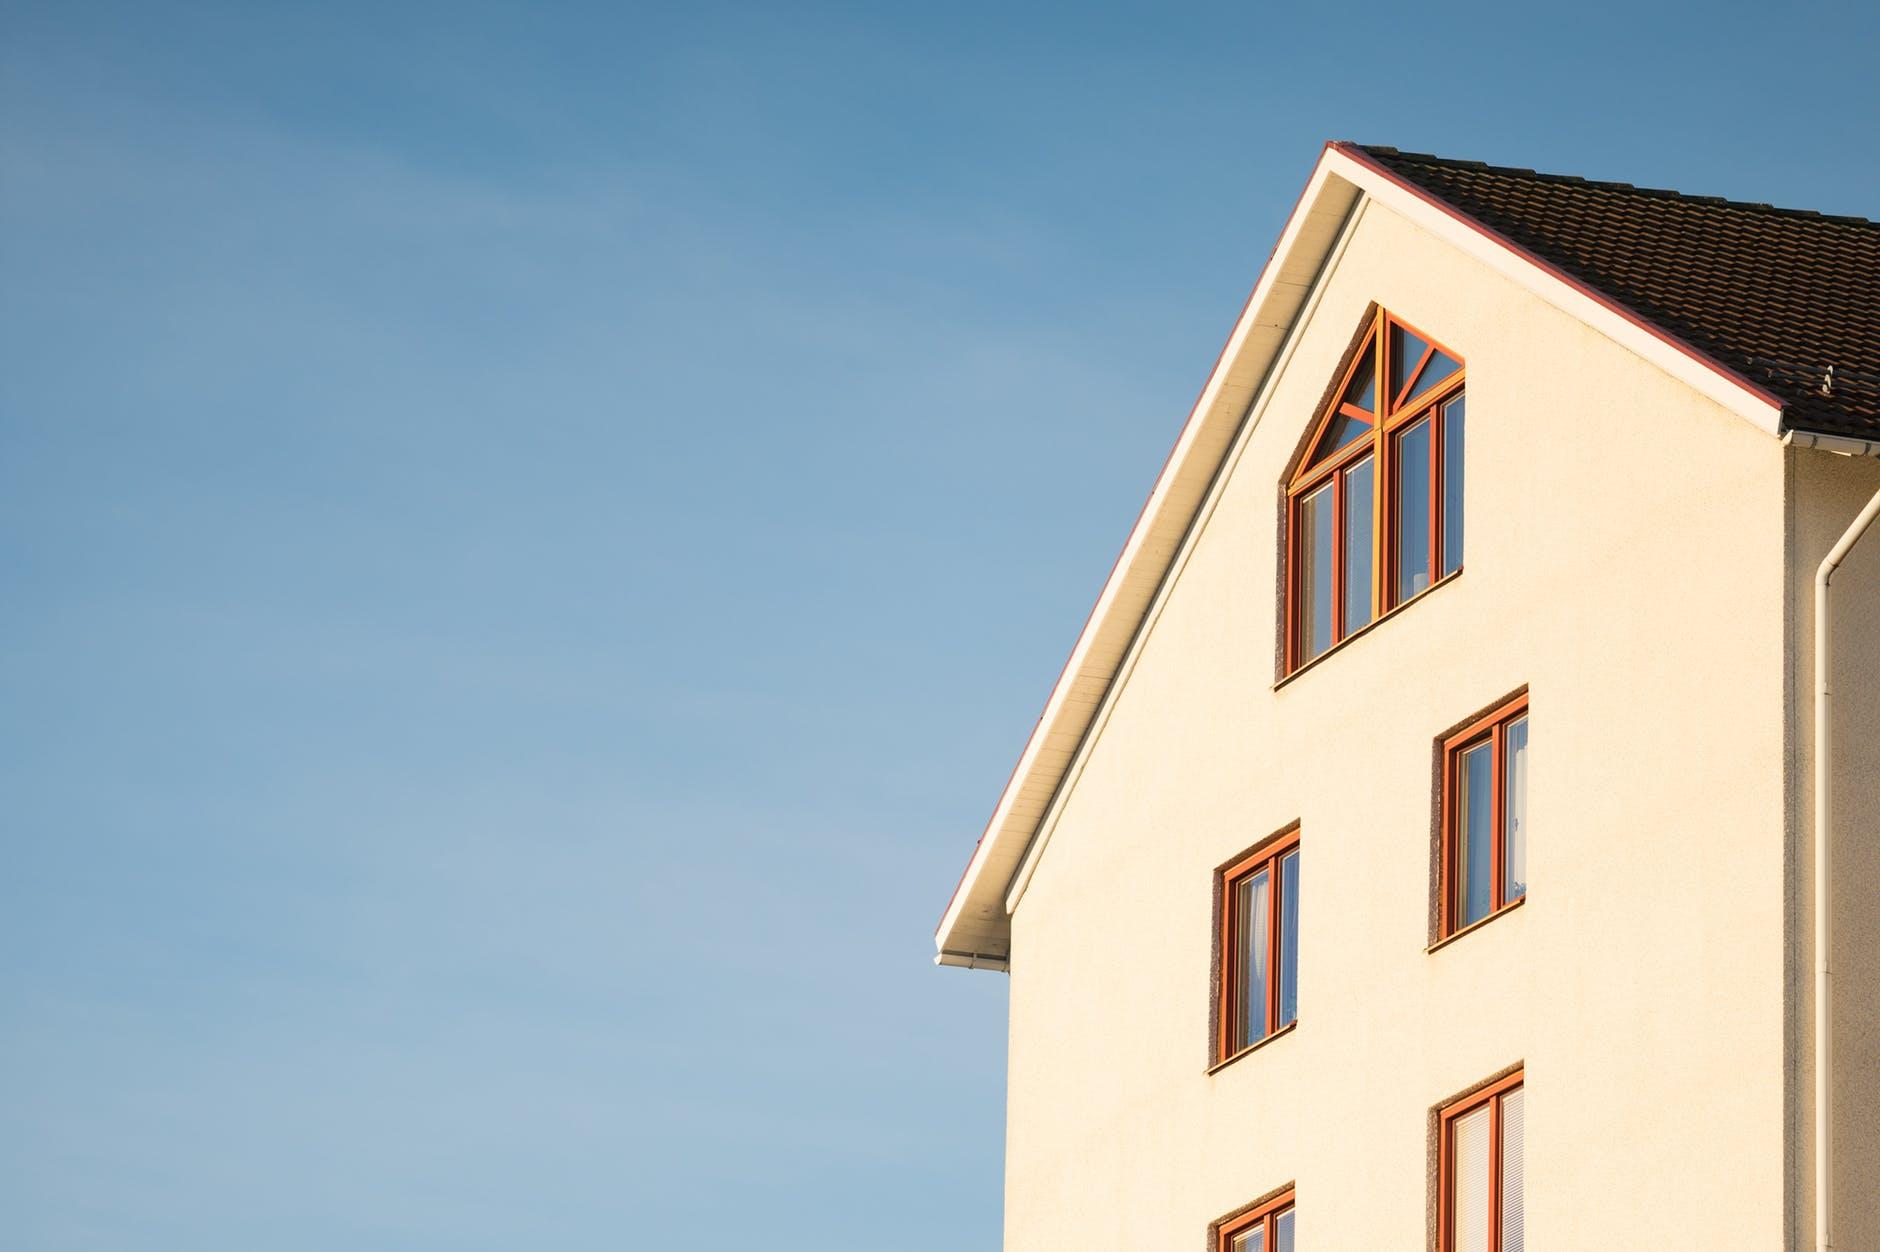 Maison achetée pour investir dans l'immobilier